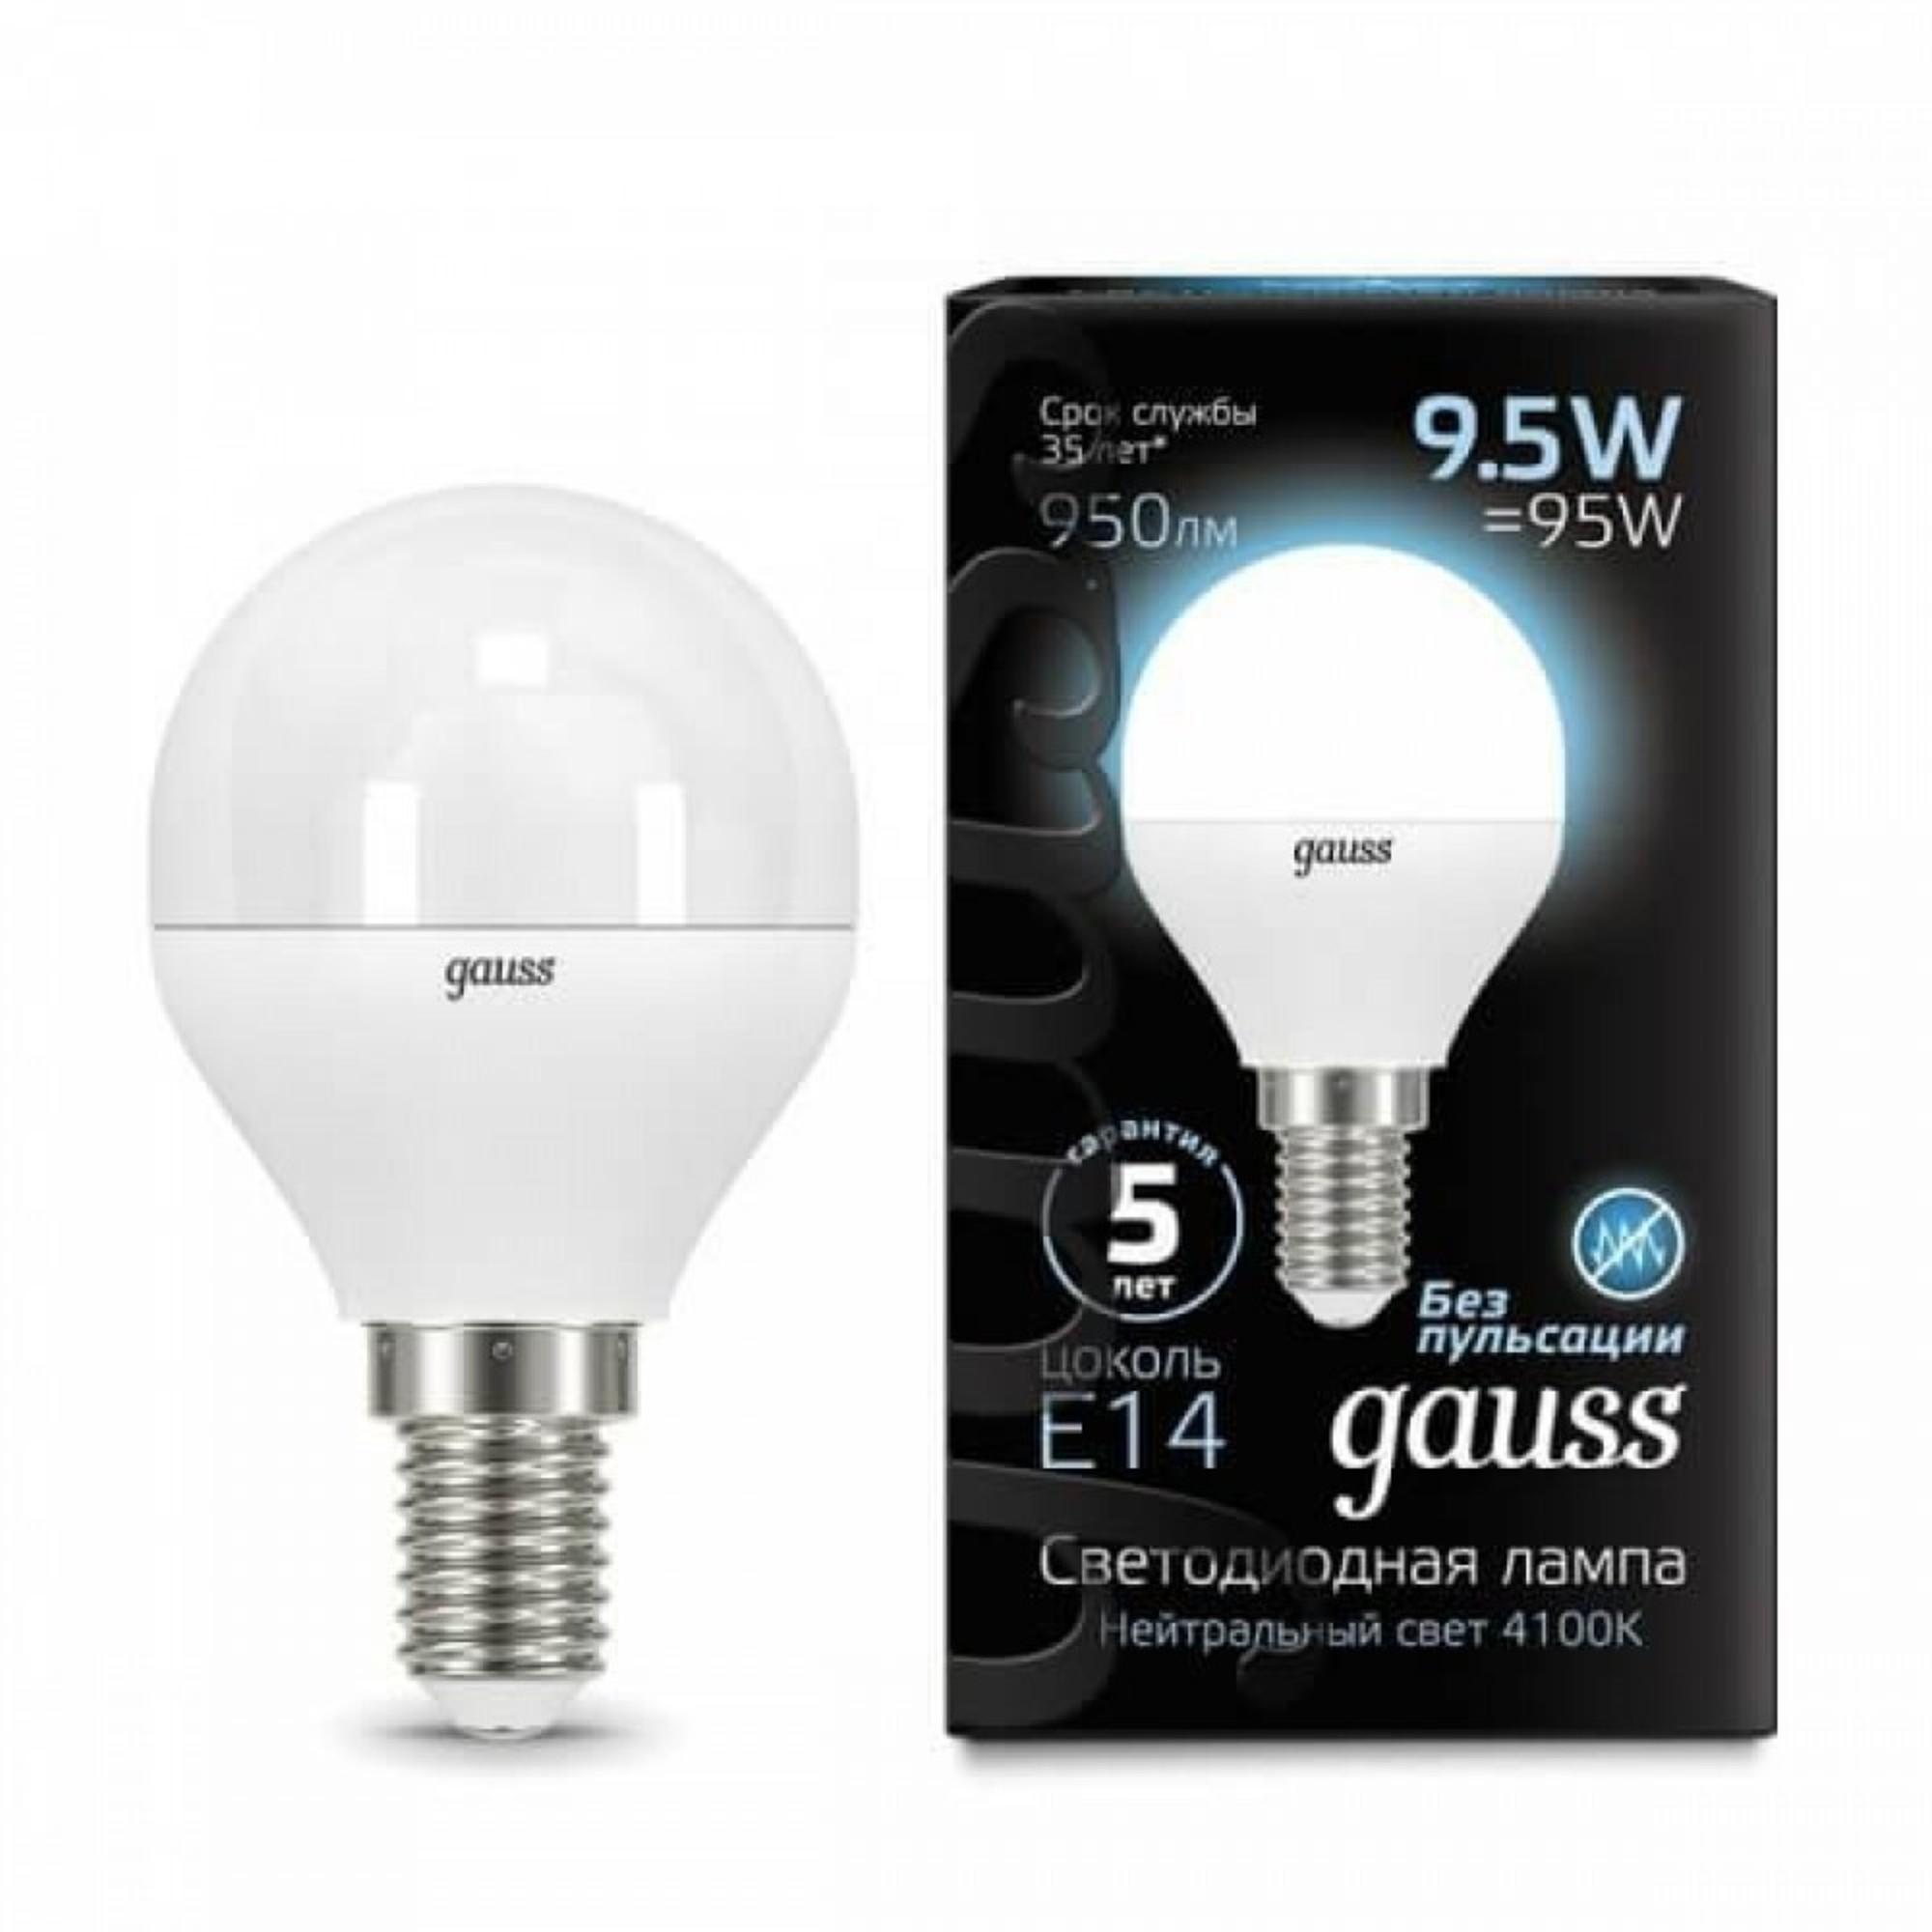 Лампа светодиодная Gauss E14 9.5 Вт шар матовая 950 лм теплый белый свет